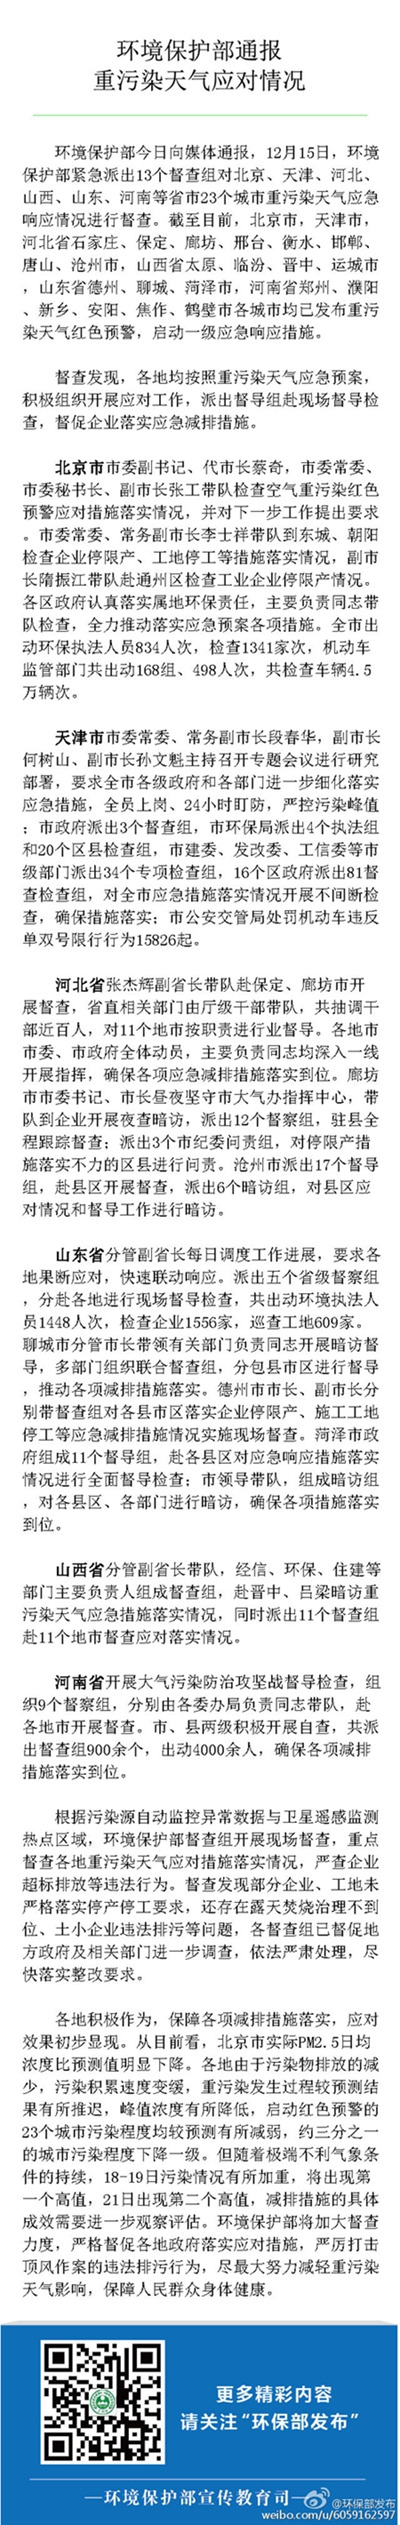 各地应对重污染天气效果显现 北京PM2.5浓度比预测值下降